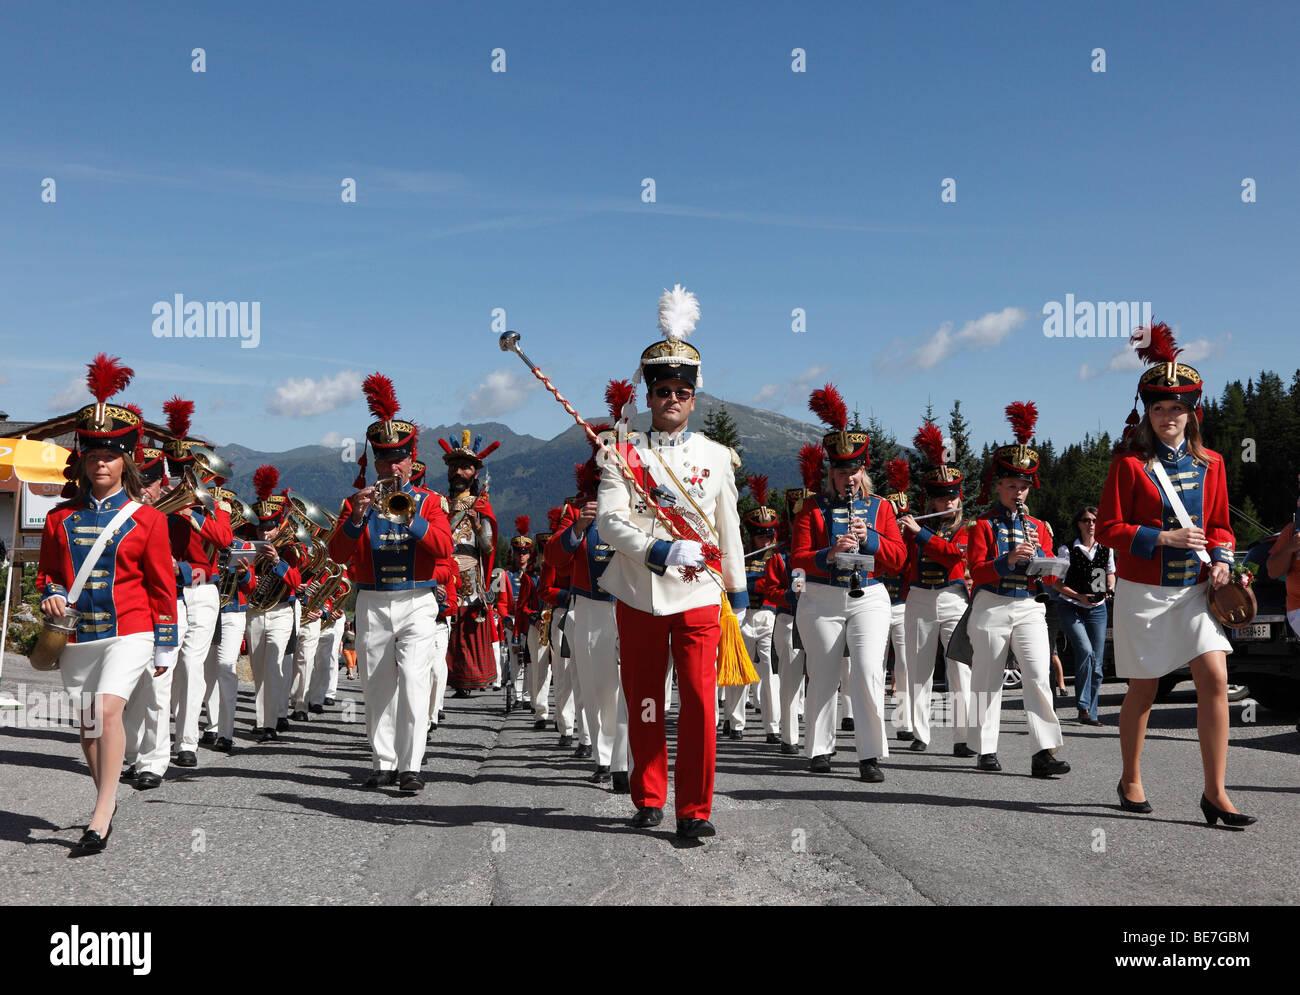 Lokale Musikgruppe, Samson Parade am Mt Katschberg, Samson von St. Michael, Lungau, Salzburg, Salzburg, Österreich, Stockbild